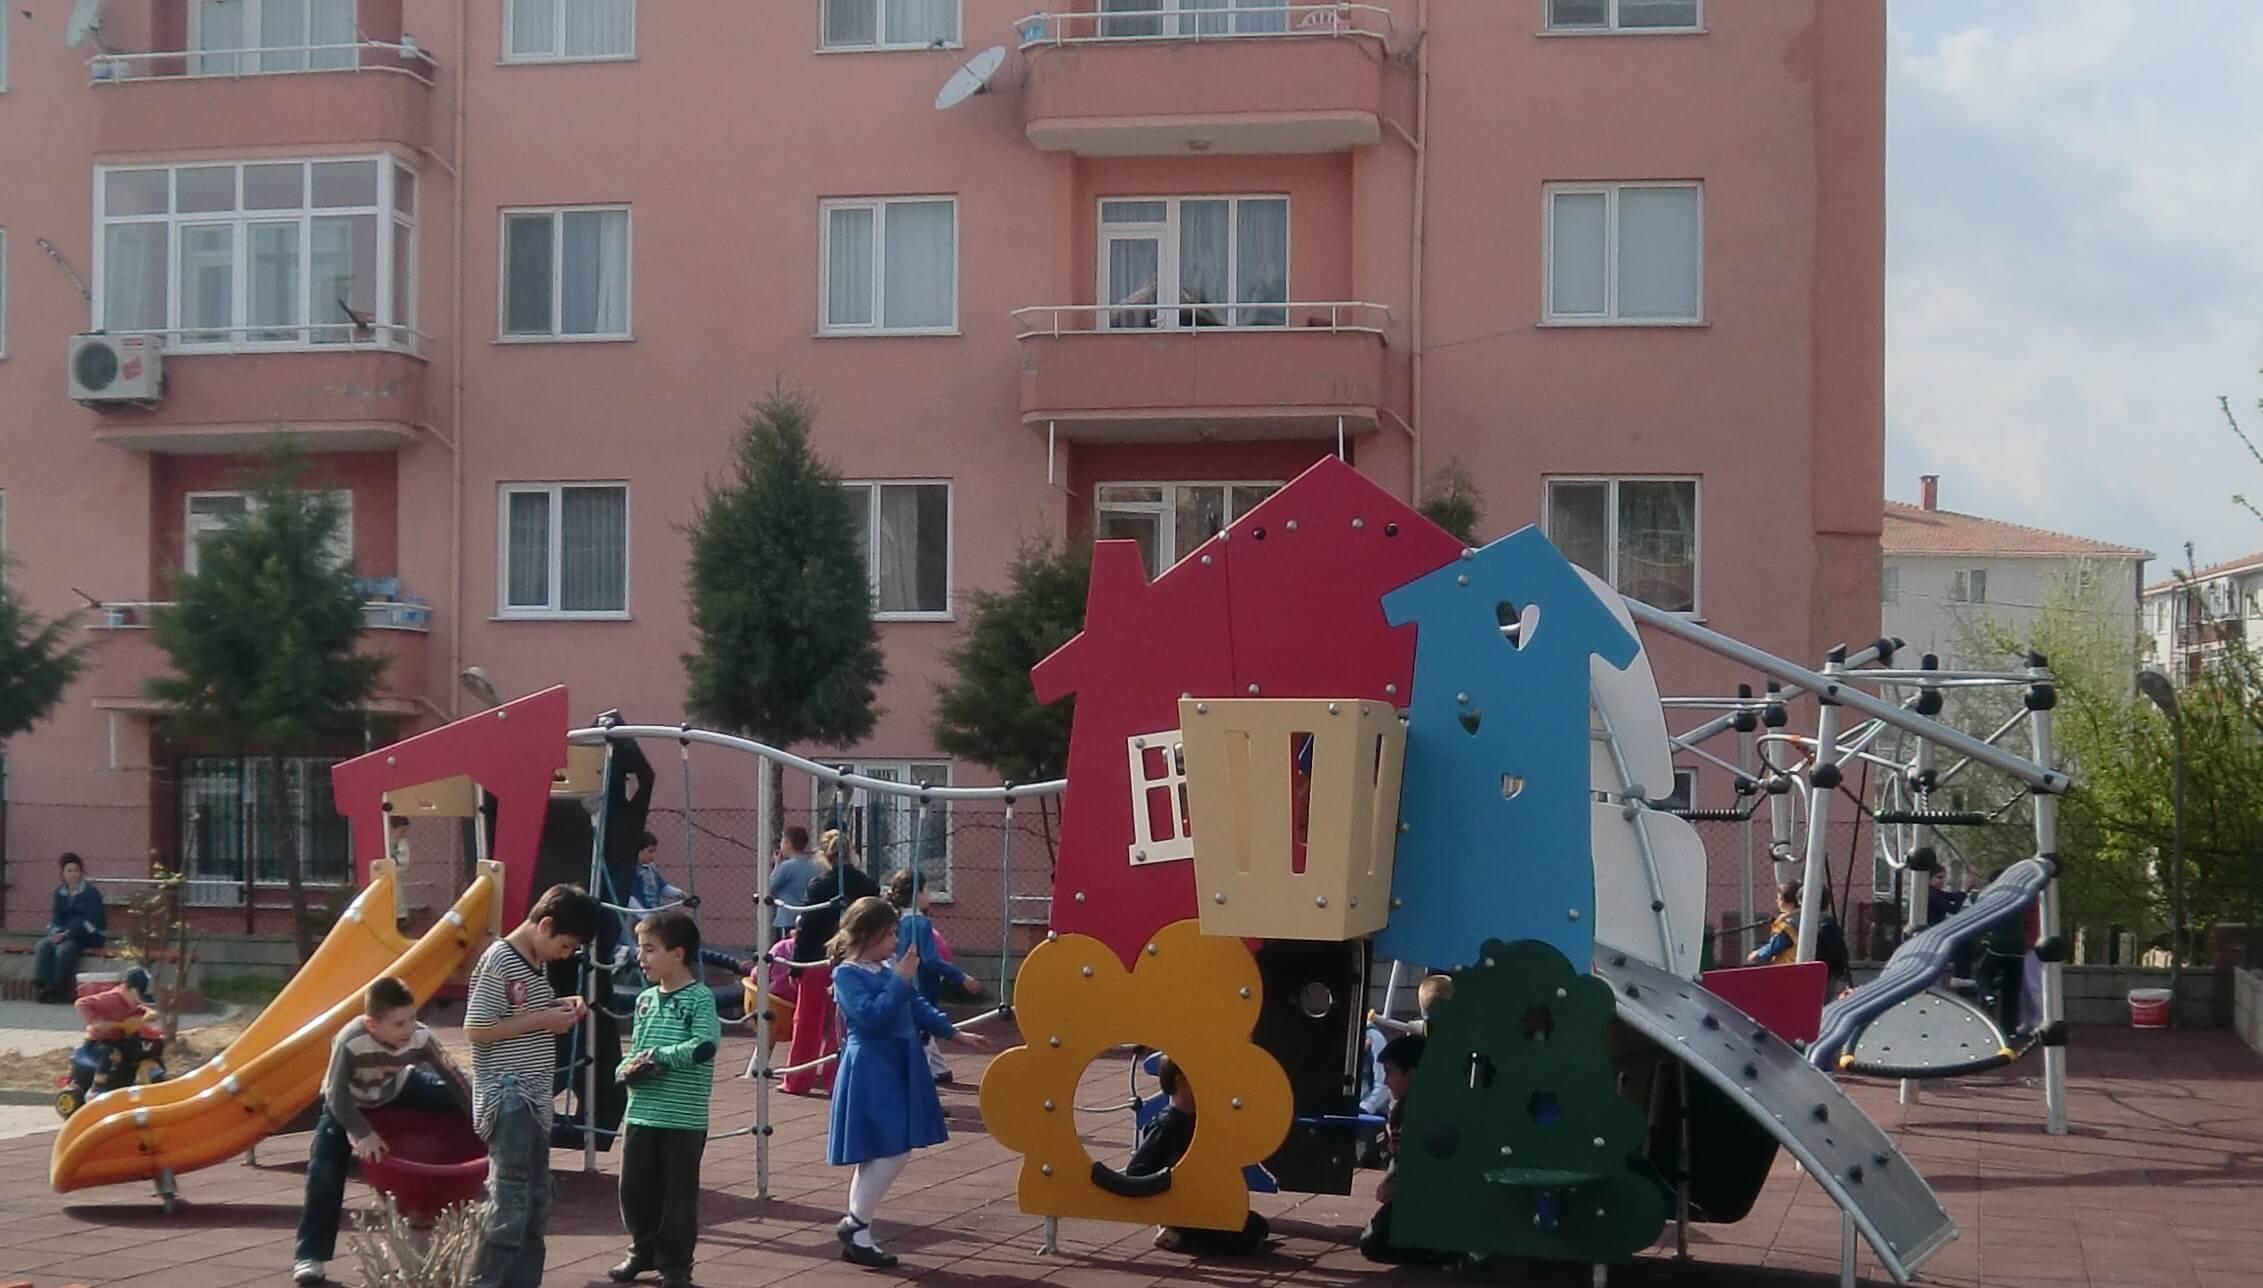 çocuklar-için-park-alanı-1